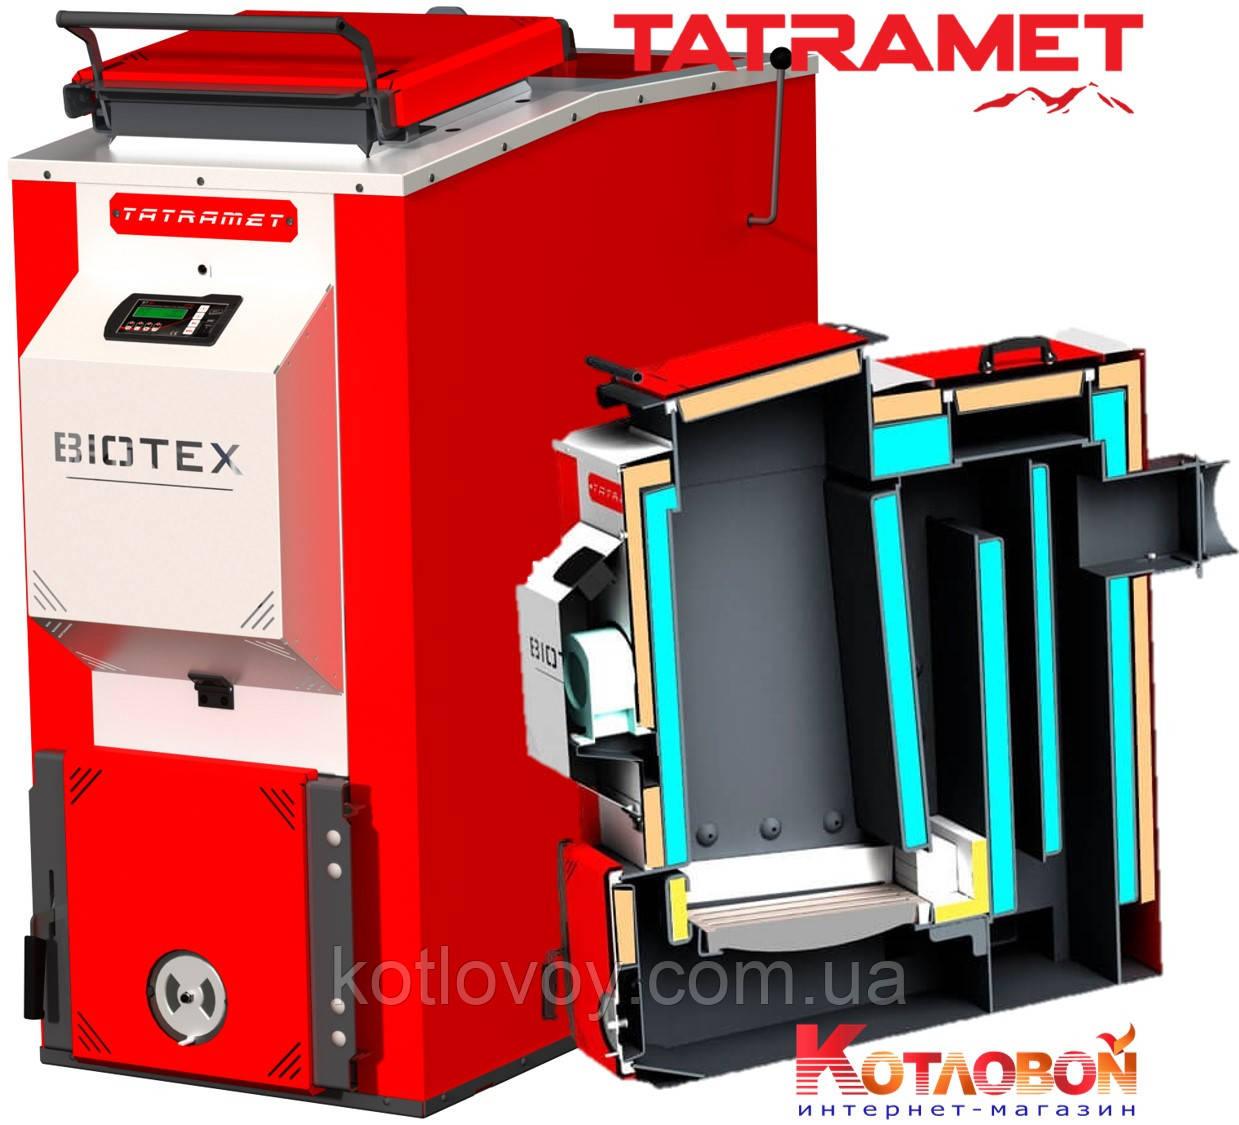 Твердотопливный котёл Tatramet BIOTEX